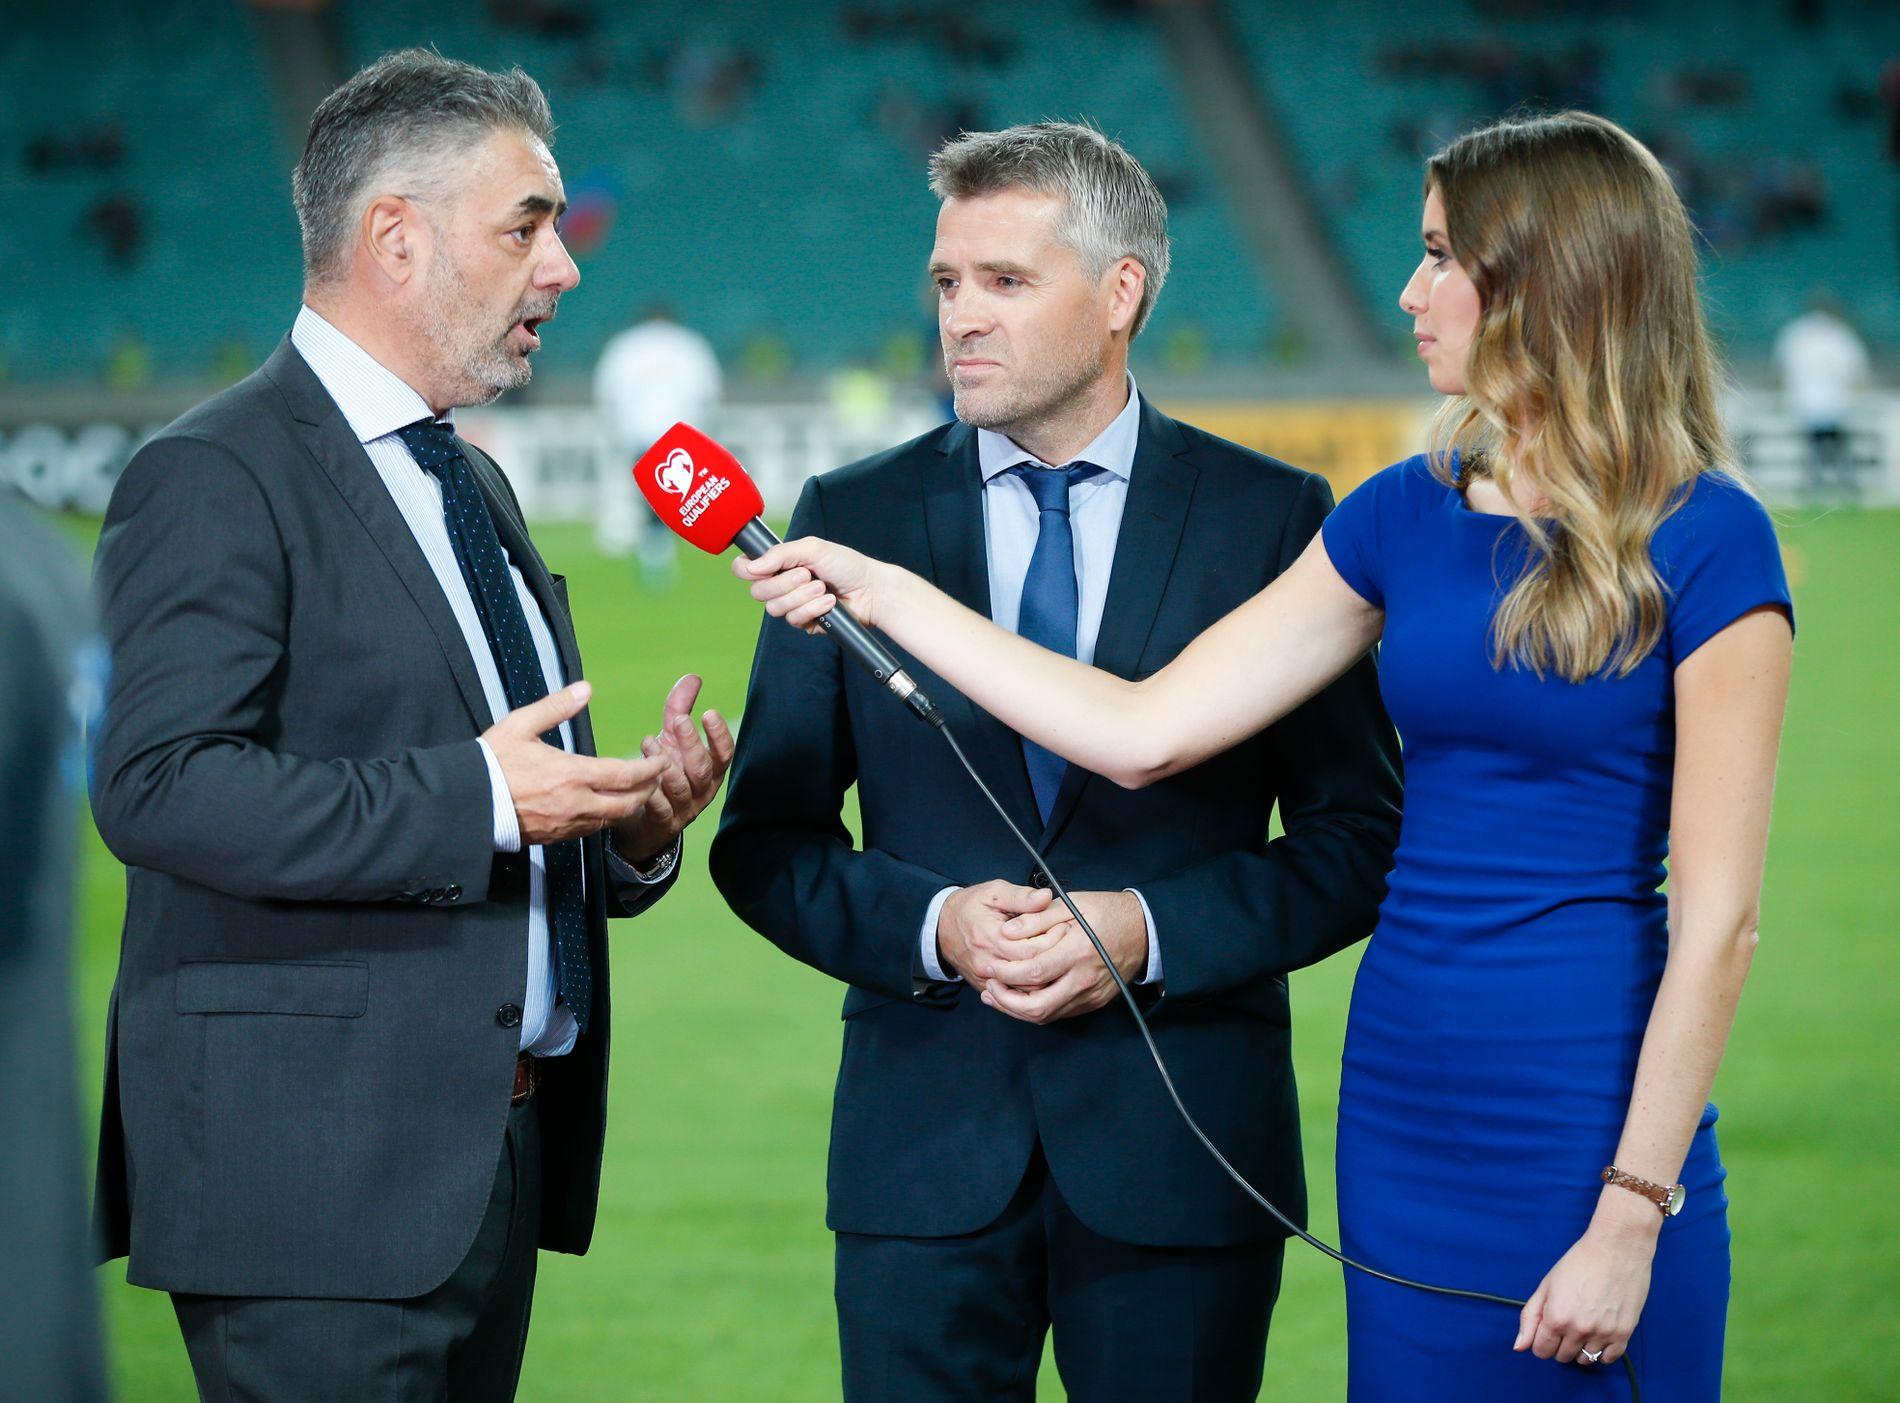 – SANDEFJORD FORTAPT: Eurosport-kommentator Kenneth Fredheim, til venstre, føler seg trygg på at Sandefjord må spille 1. divisjonsfotball i 2018. Her med Tor Ole Skullerud og Susanne F. Wergeland.